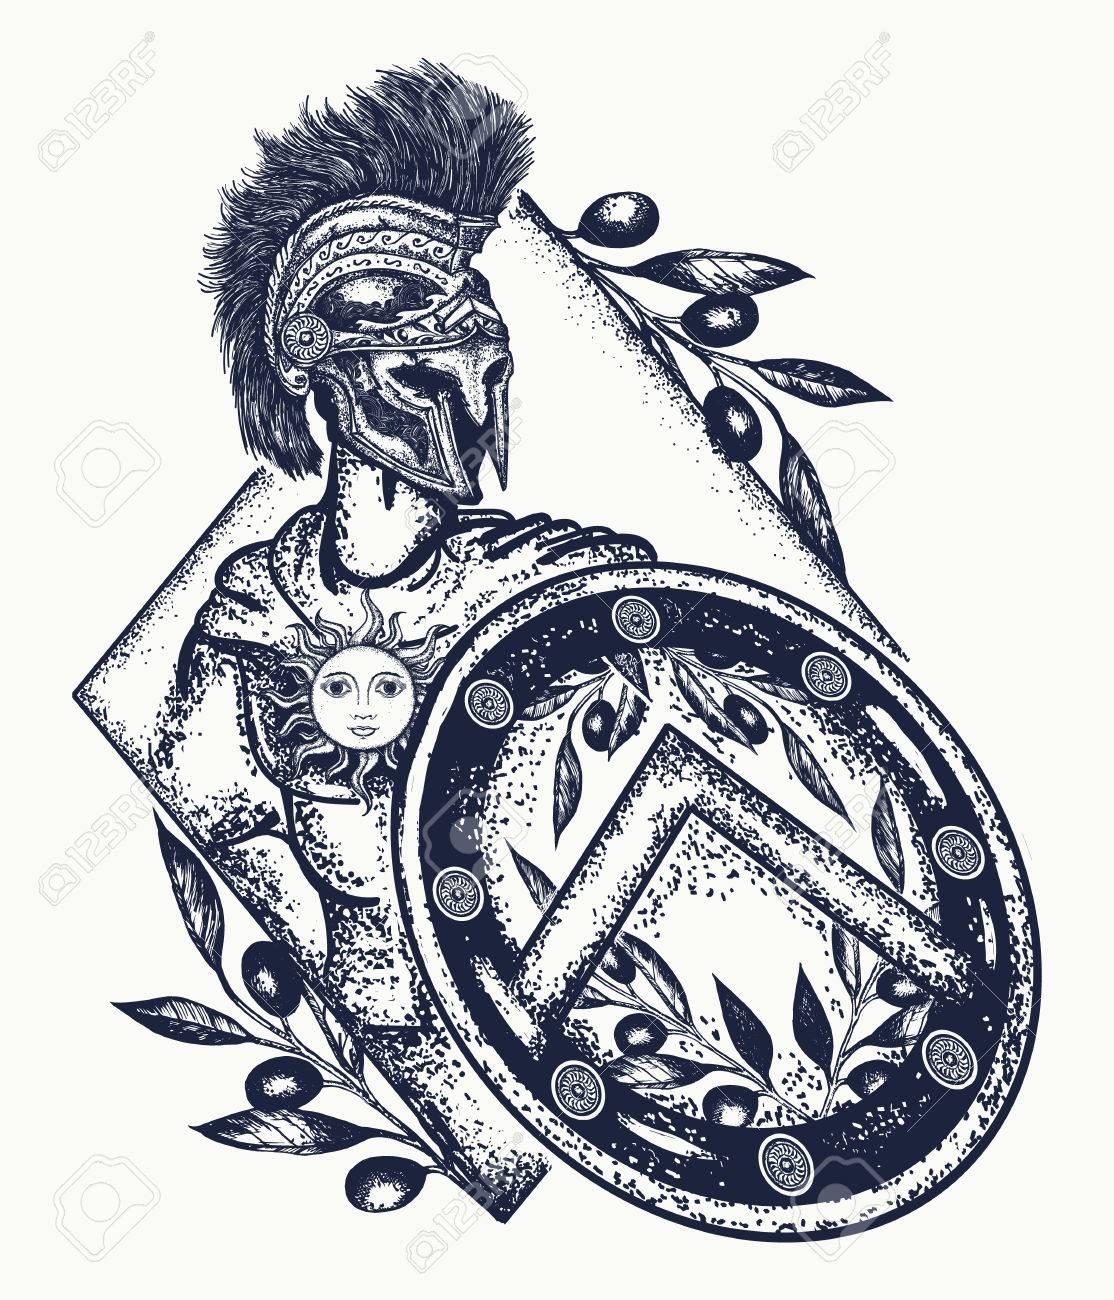 Spartan warrior tattoo art legionary of ancient rome and ancient legionary of ancient rome and ancient greece tattoo symbol of biocorpaavc